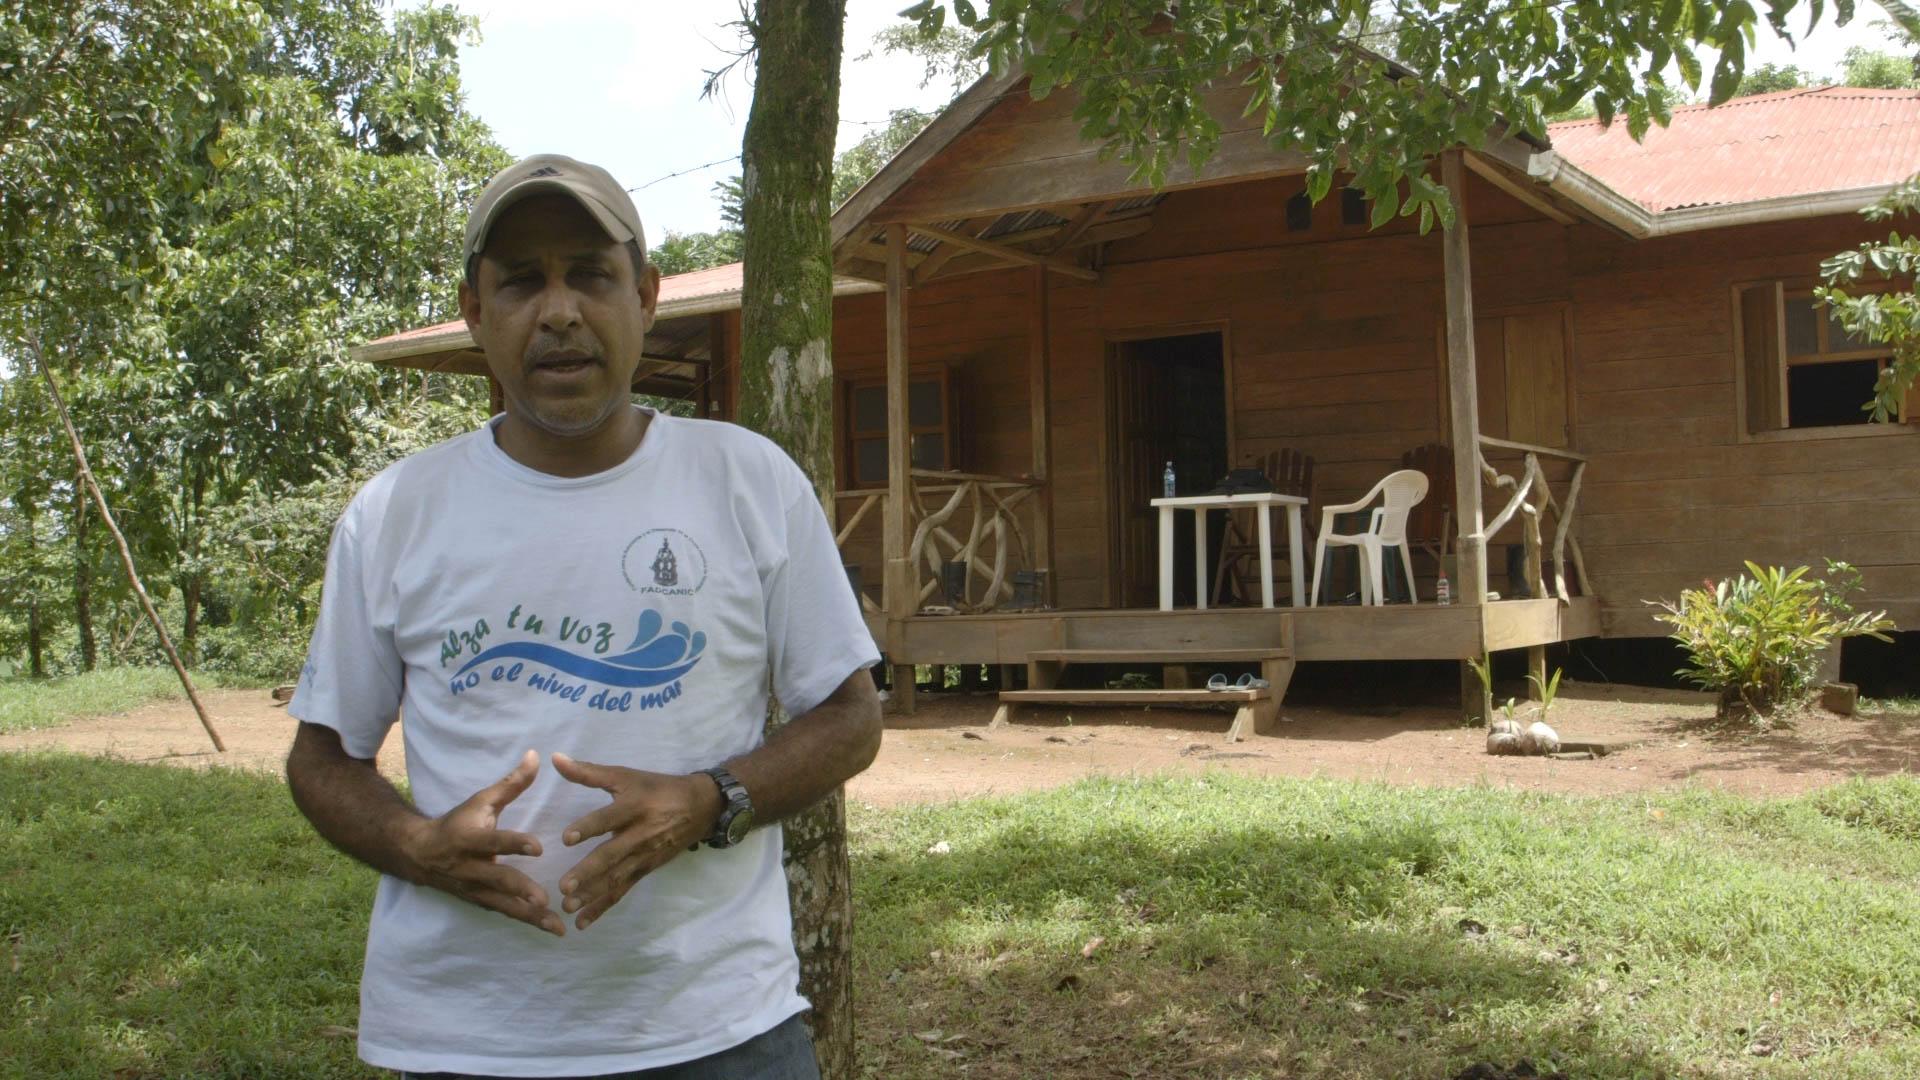 Miguelito, Reserve lodge - video still, Tom